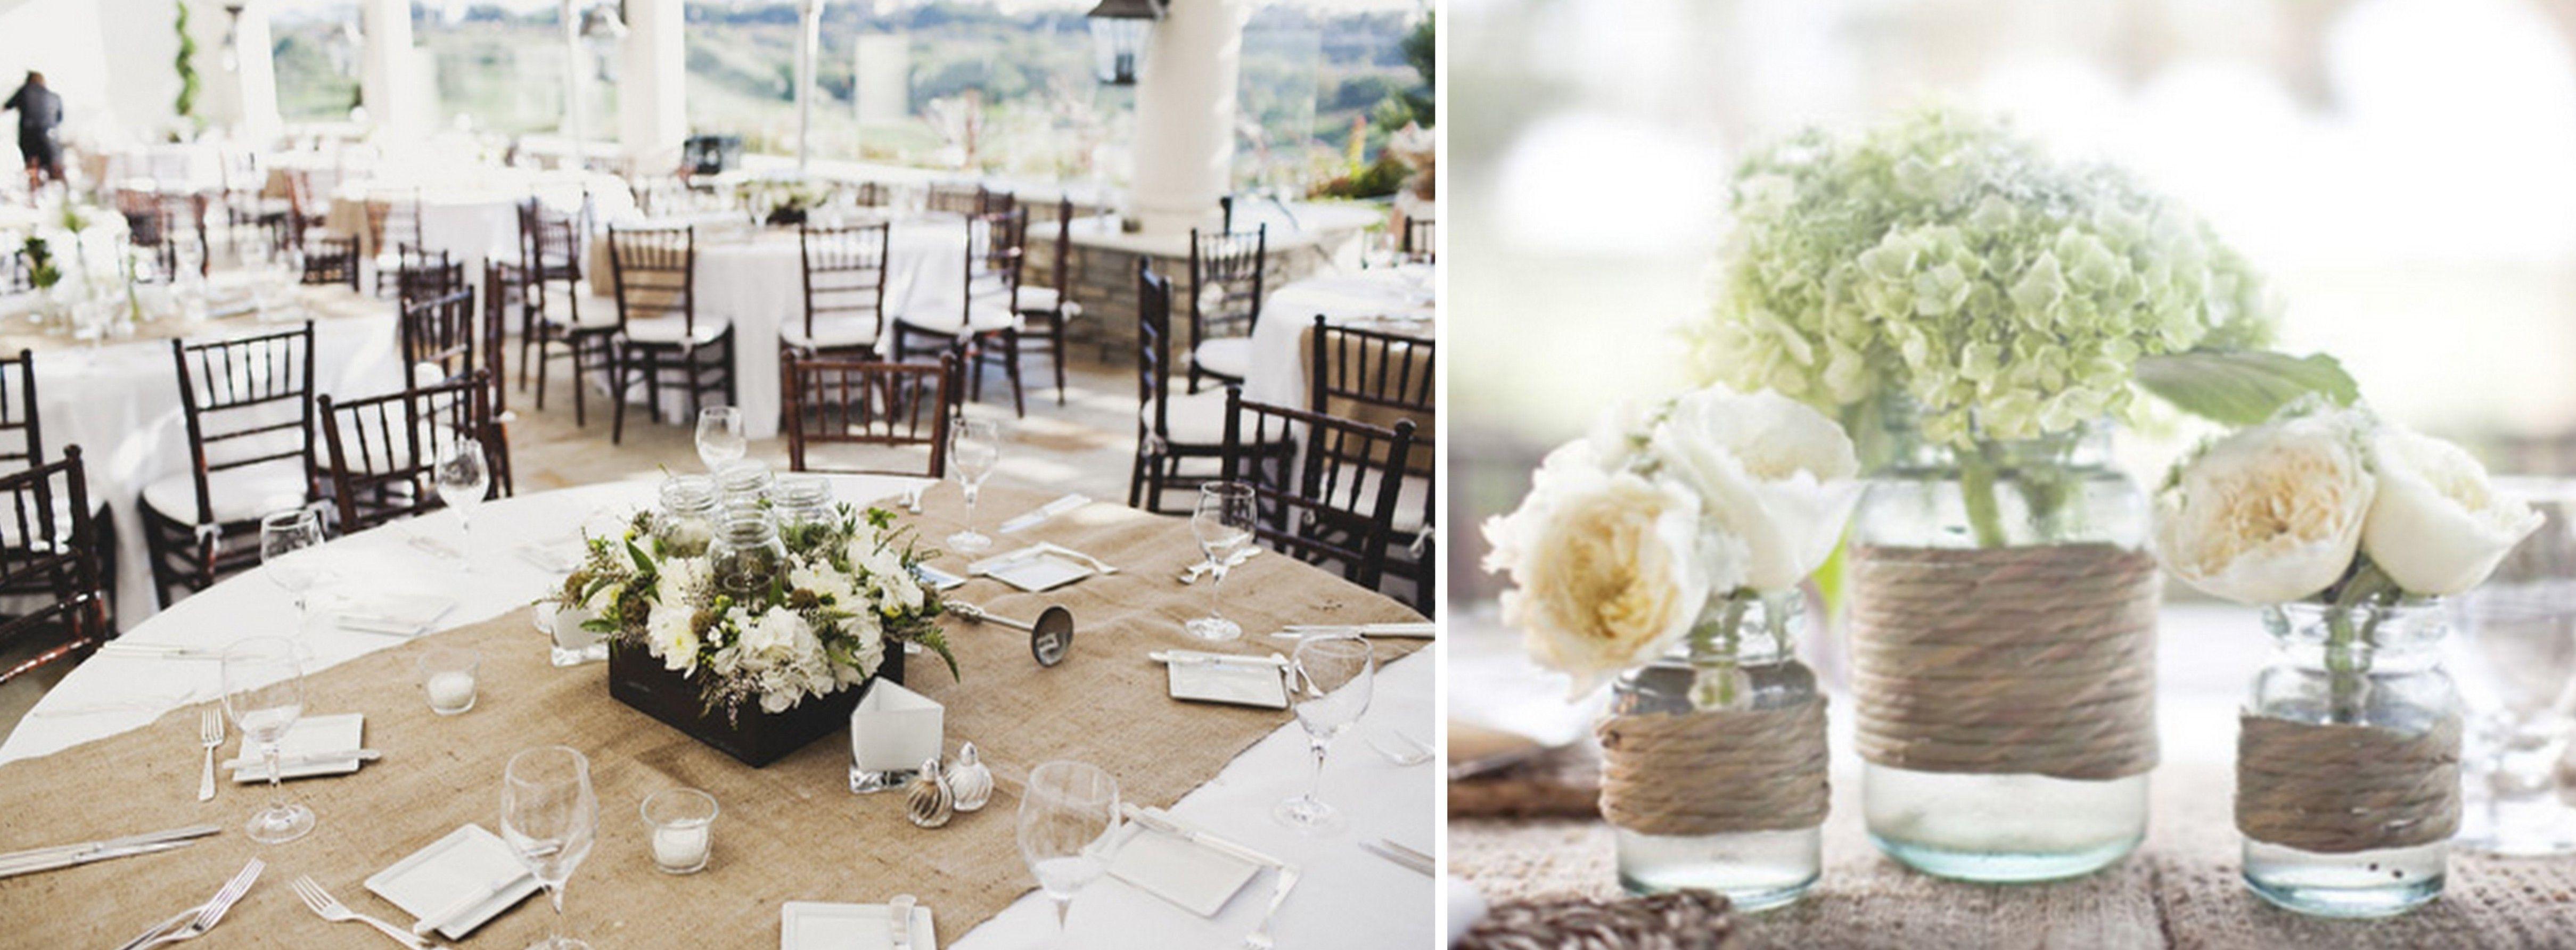 Elegant Burlap Table Runner Twine Wred Vases Megan Pinterest